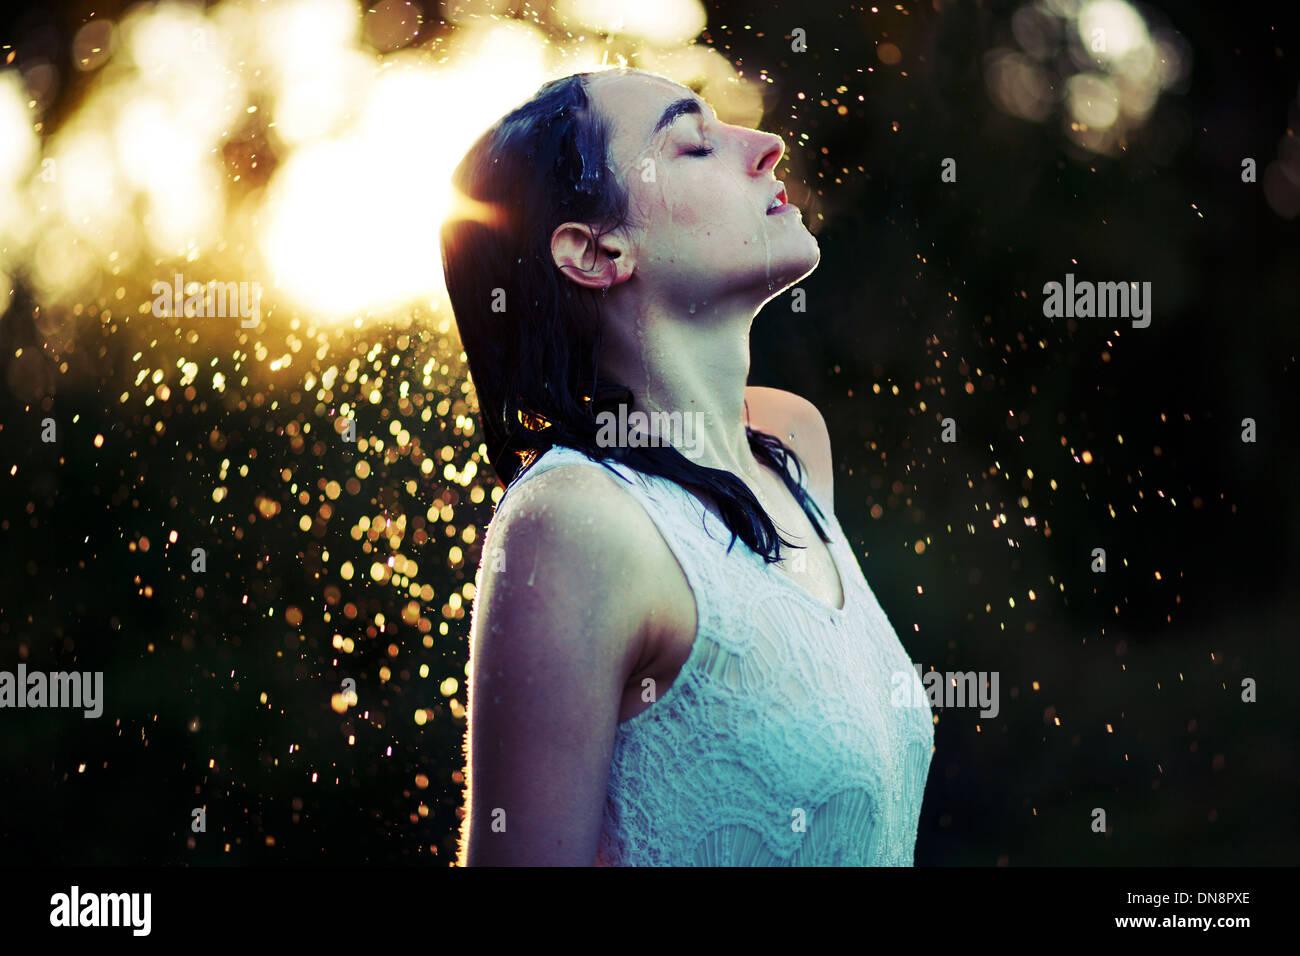 Junge Frau, die sich im regen erfrischend Stockbild